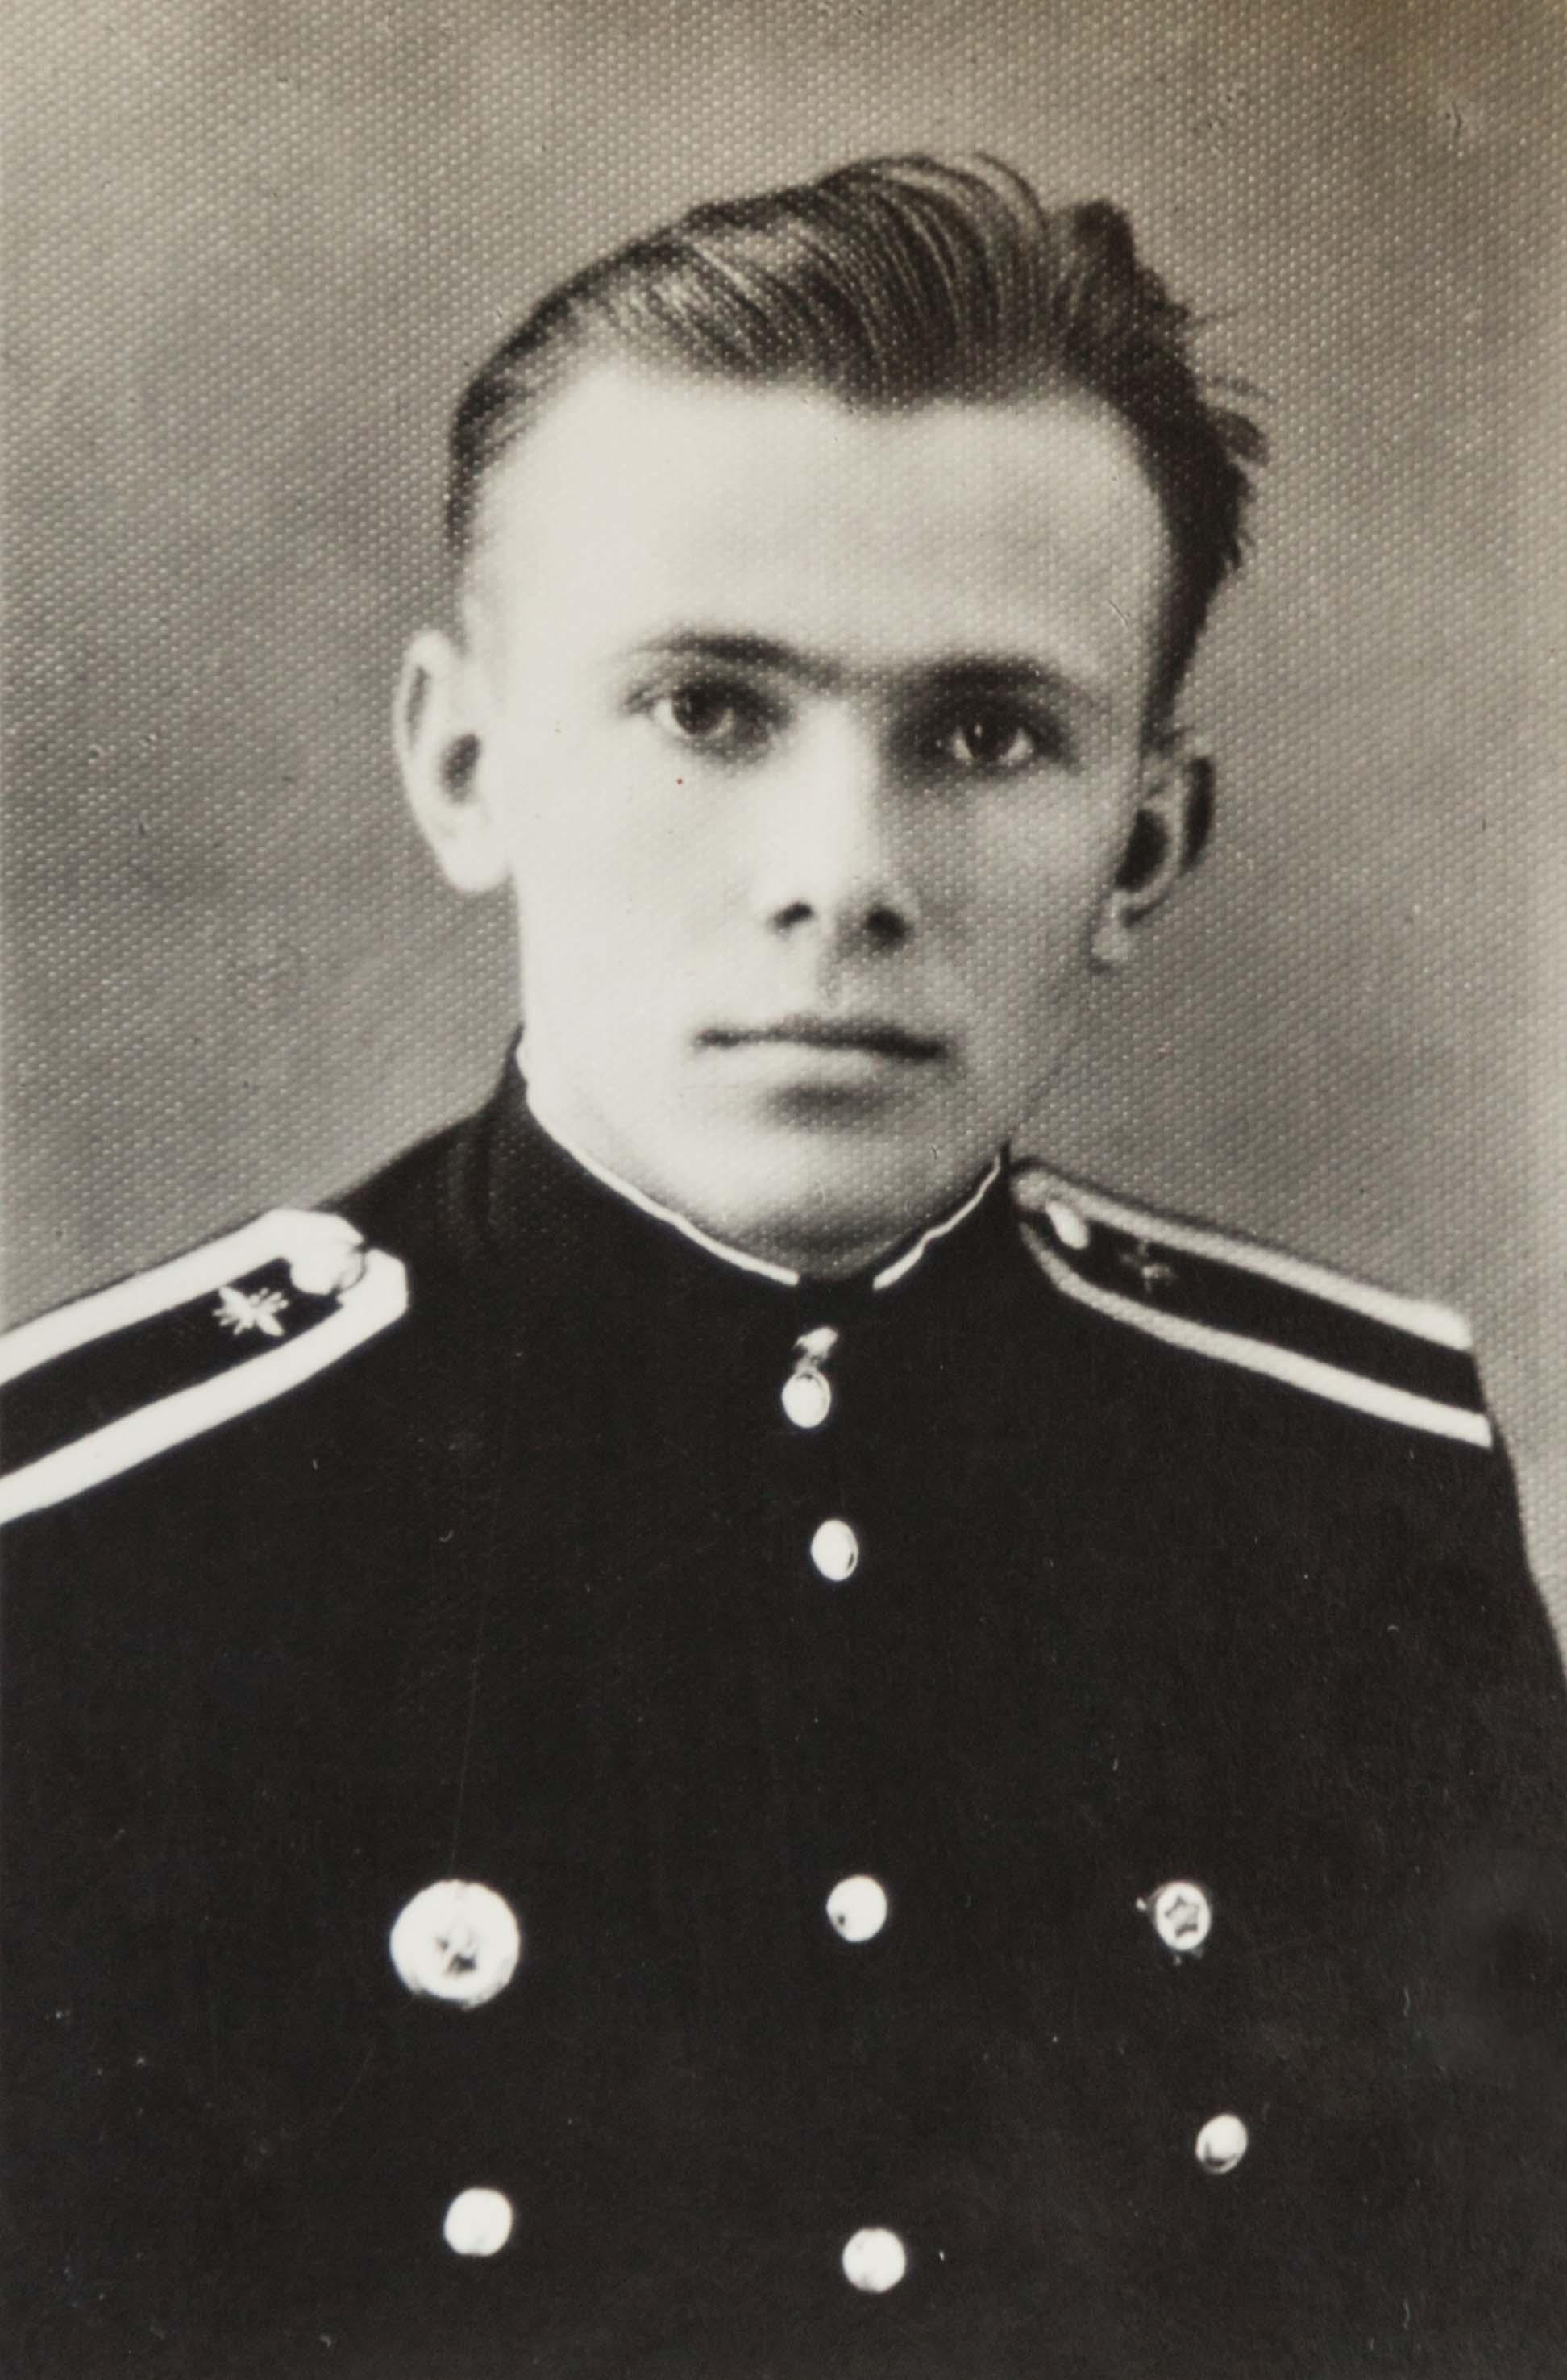 Курсант Горьковского военного училища техников связи  Иван Зайцев. 1959 год